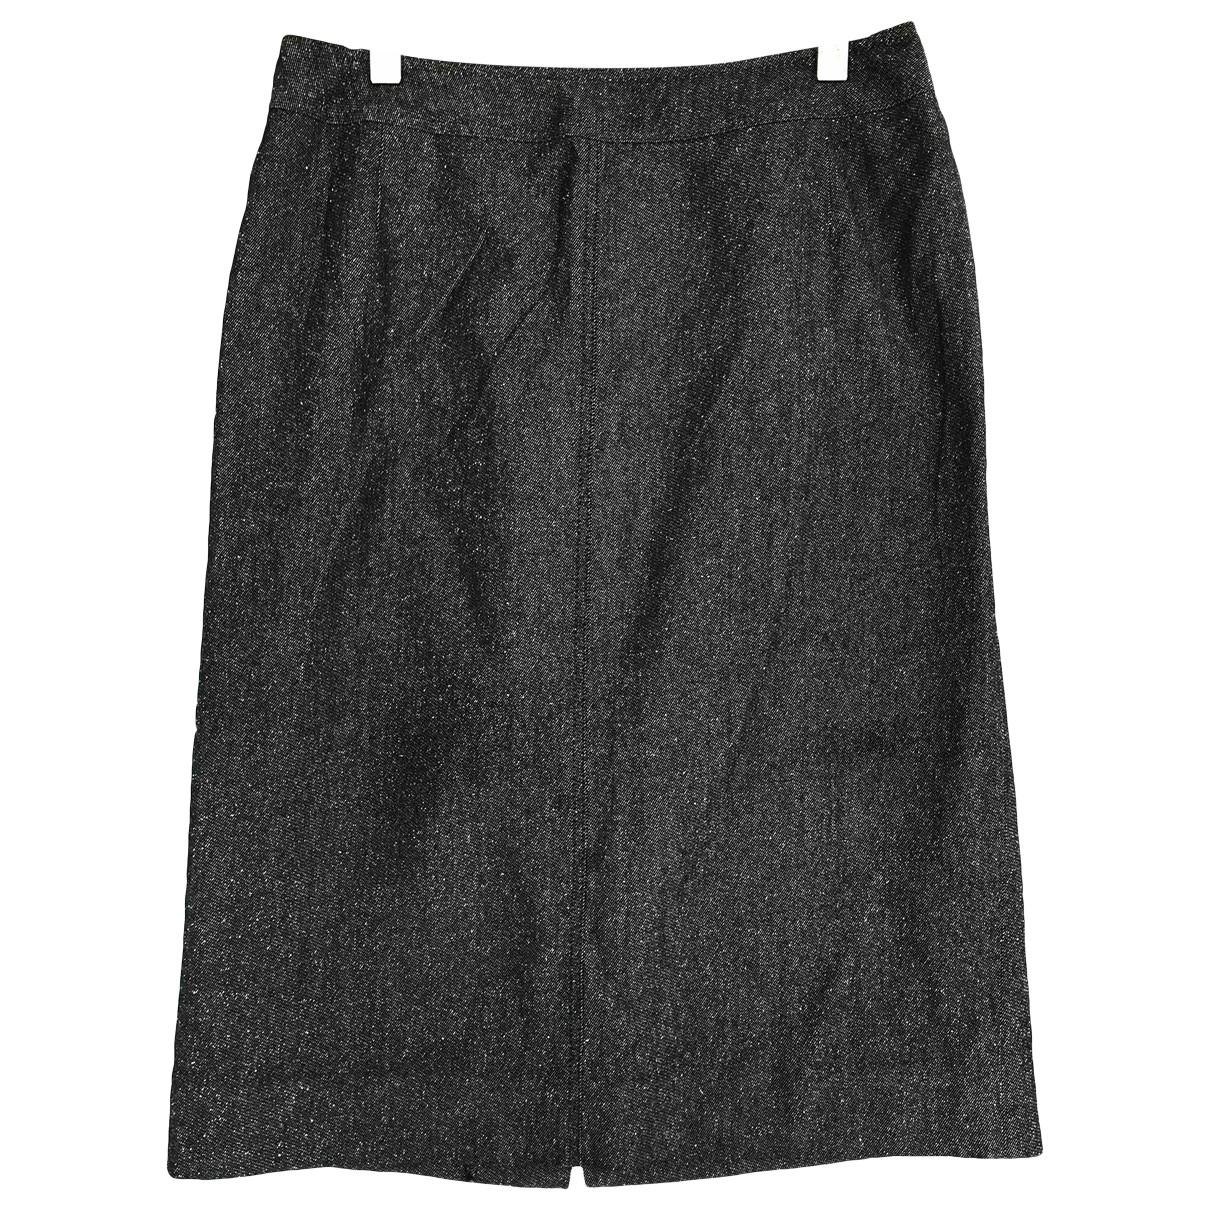 Burberry \N Black Wool skirt for Women M International